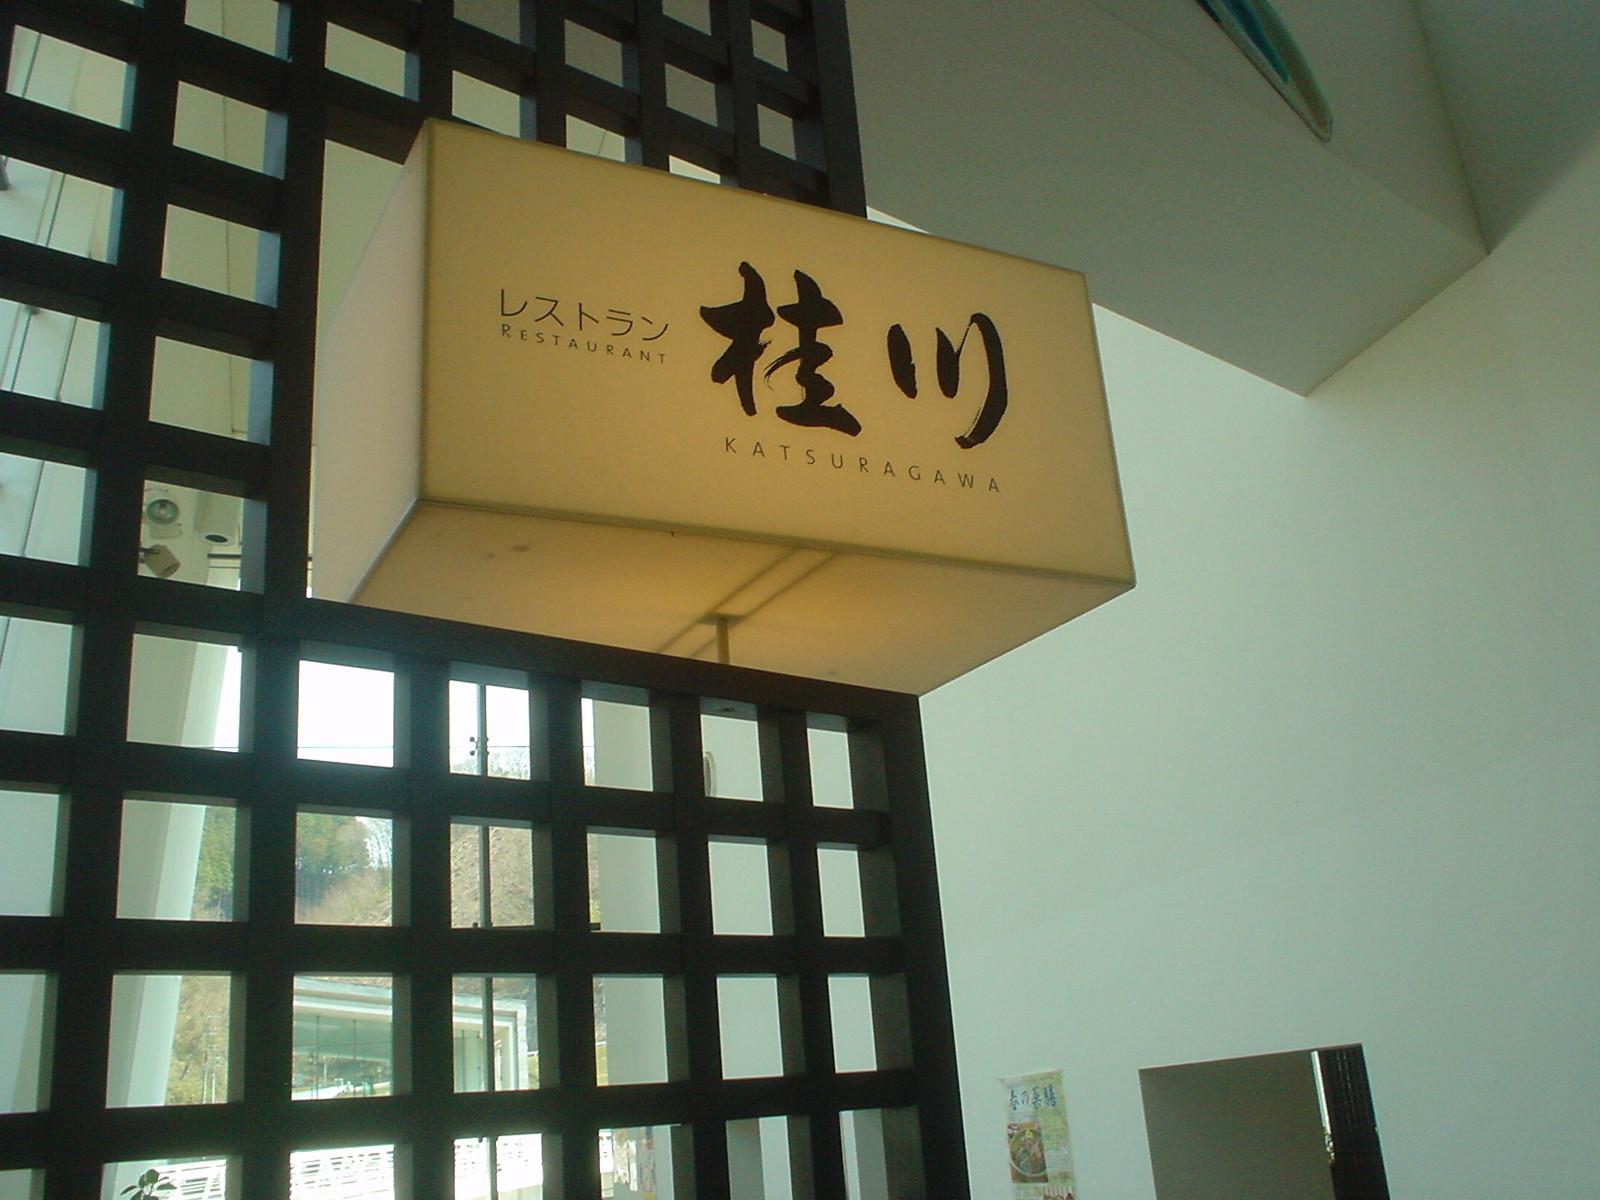 レストラン桂川で昼食